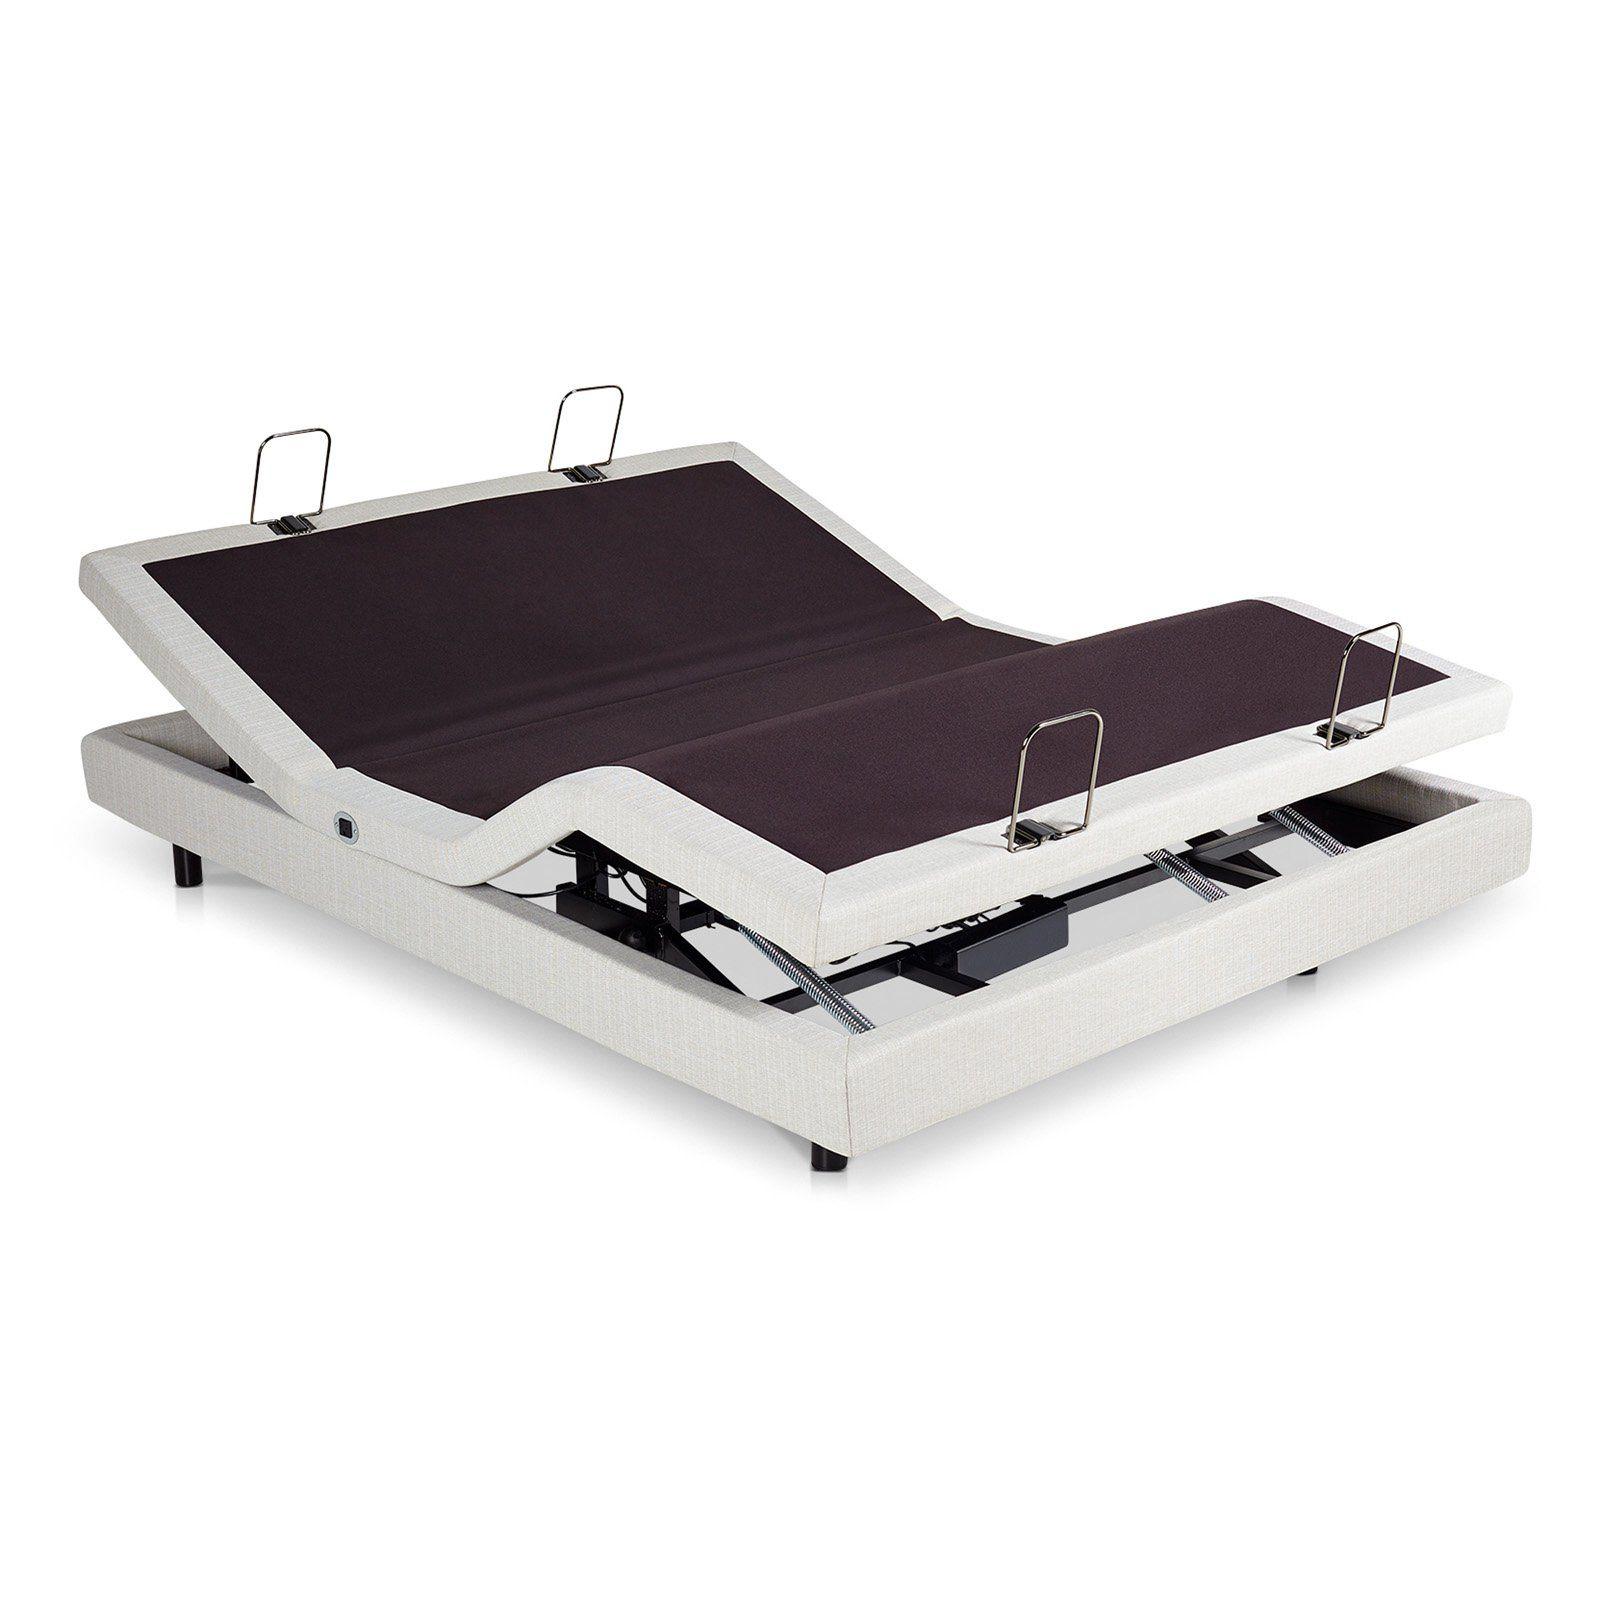 Rize Avante Adjustable Bed Base, Size Full Adjustable